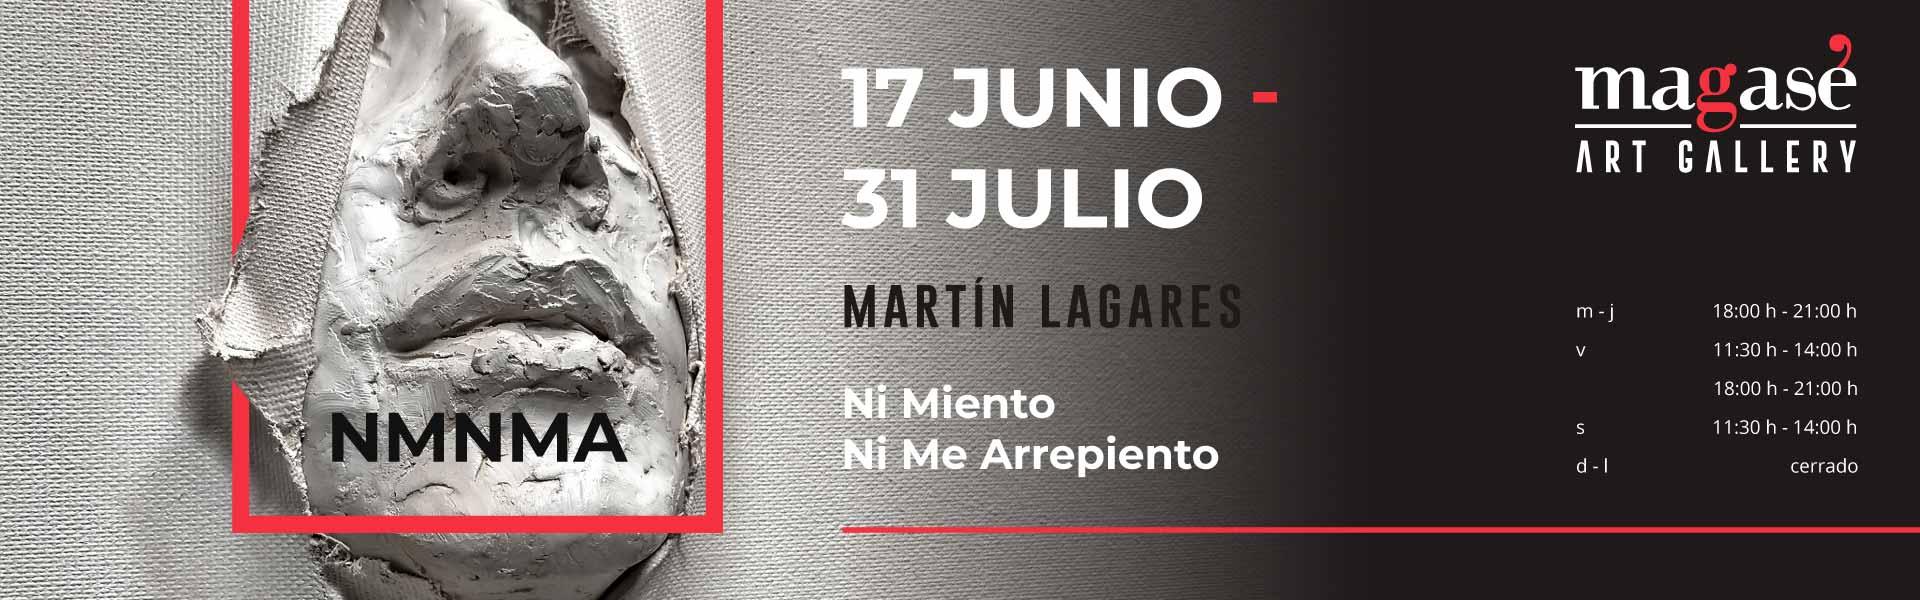 Exposición Esculturas Martin Lagares